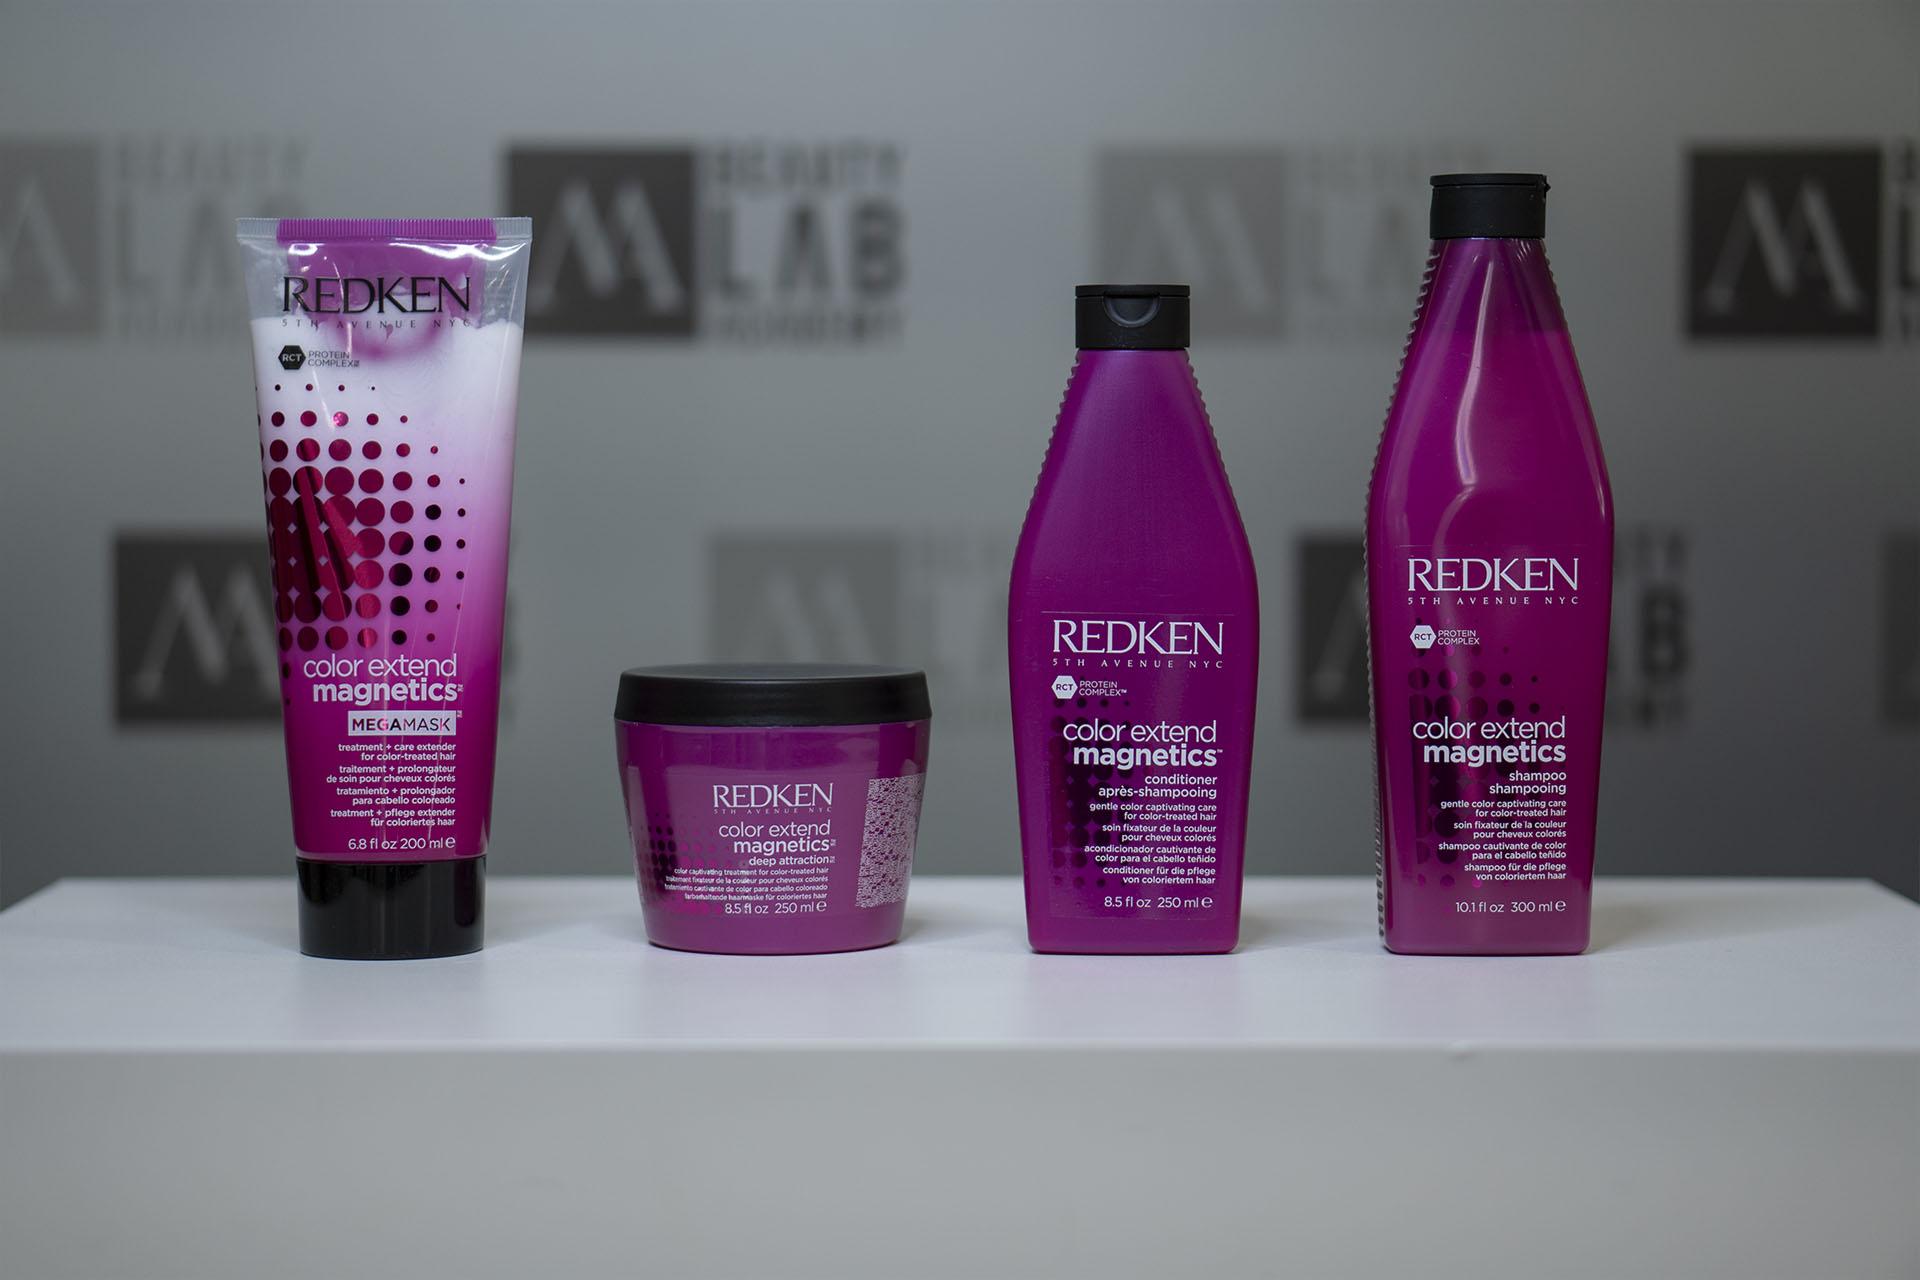 Redken trattamento antiossidante capelli firenze